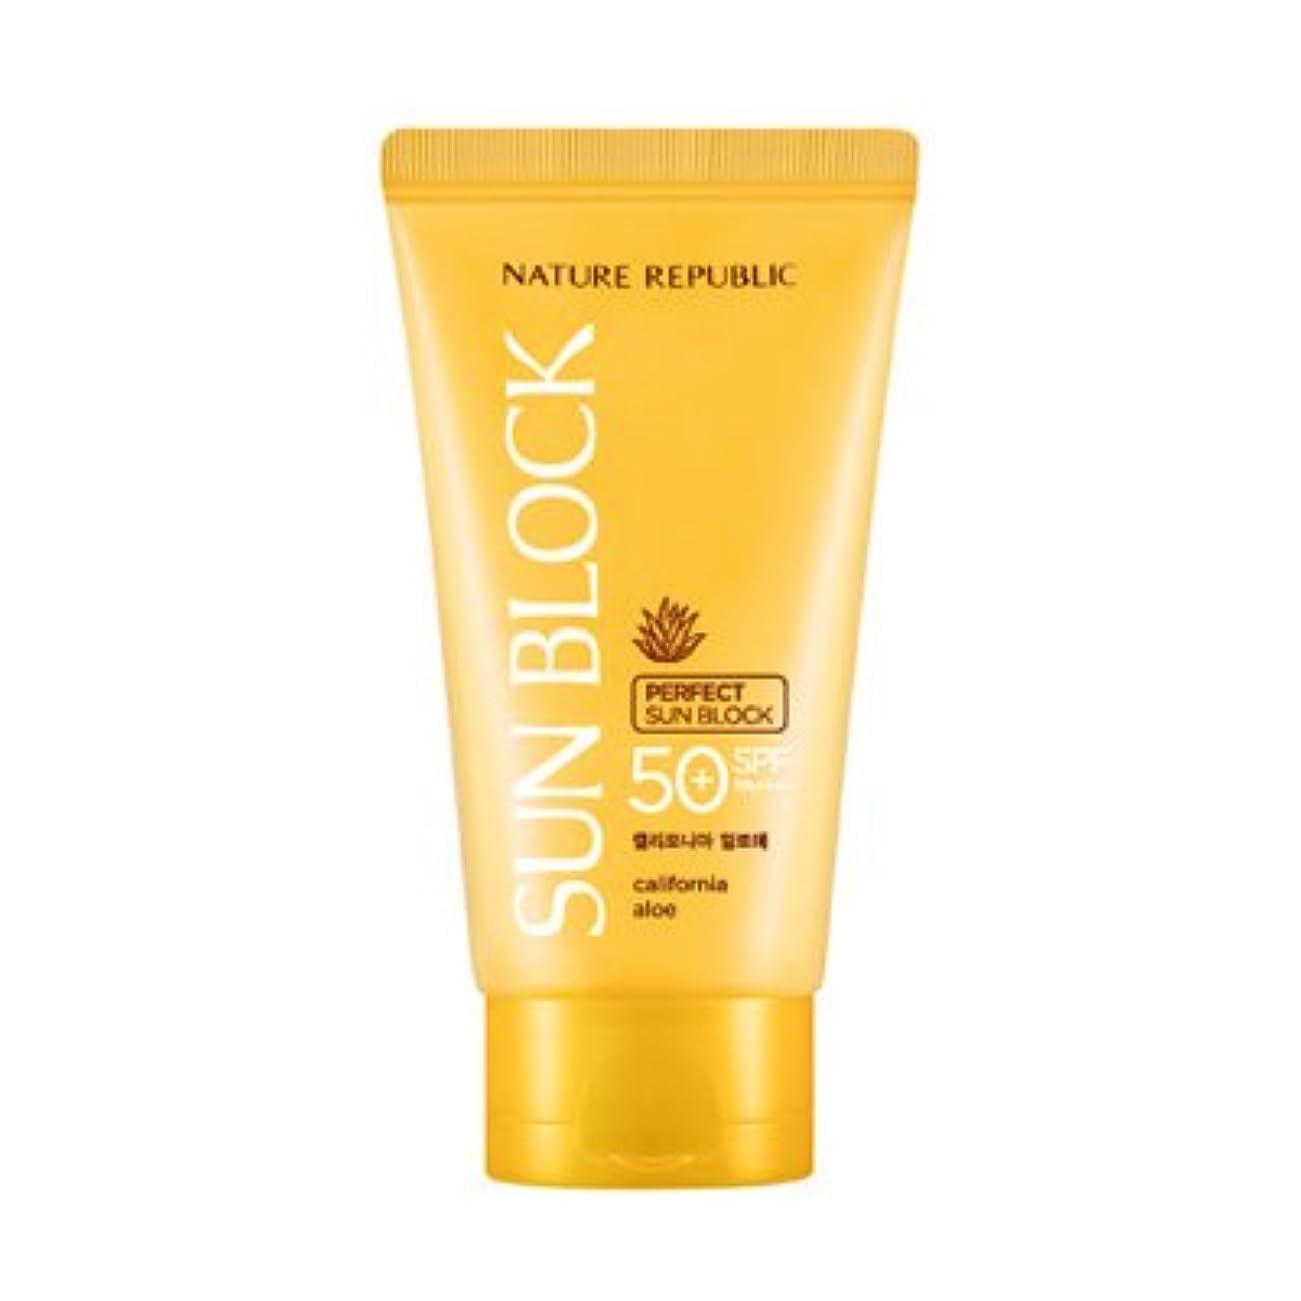 和知性幻想NATURE REPUBLIC California Aloe Perfect Sun Block SPF50+ PA++++ 150ml / ネイチャーリパブリック カリフォルニアアロエパーフェクトサンブロック [並行輸入品]